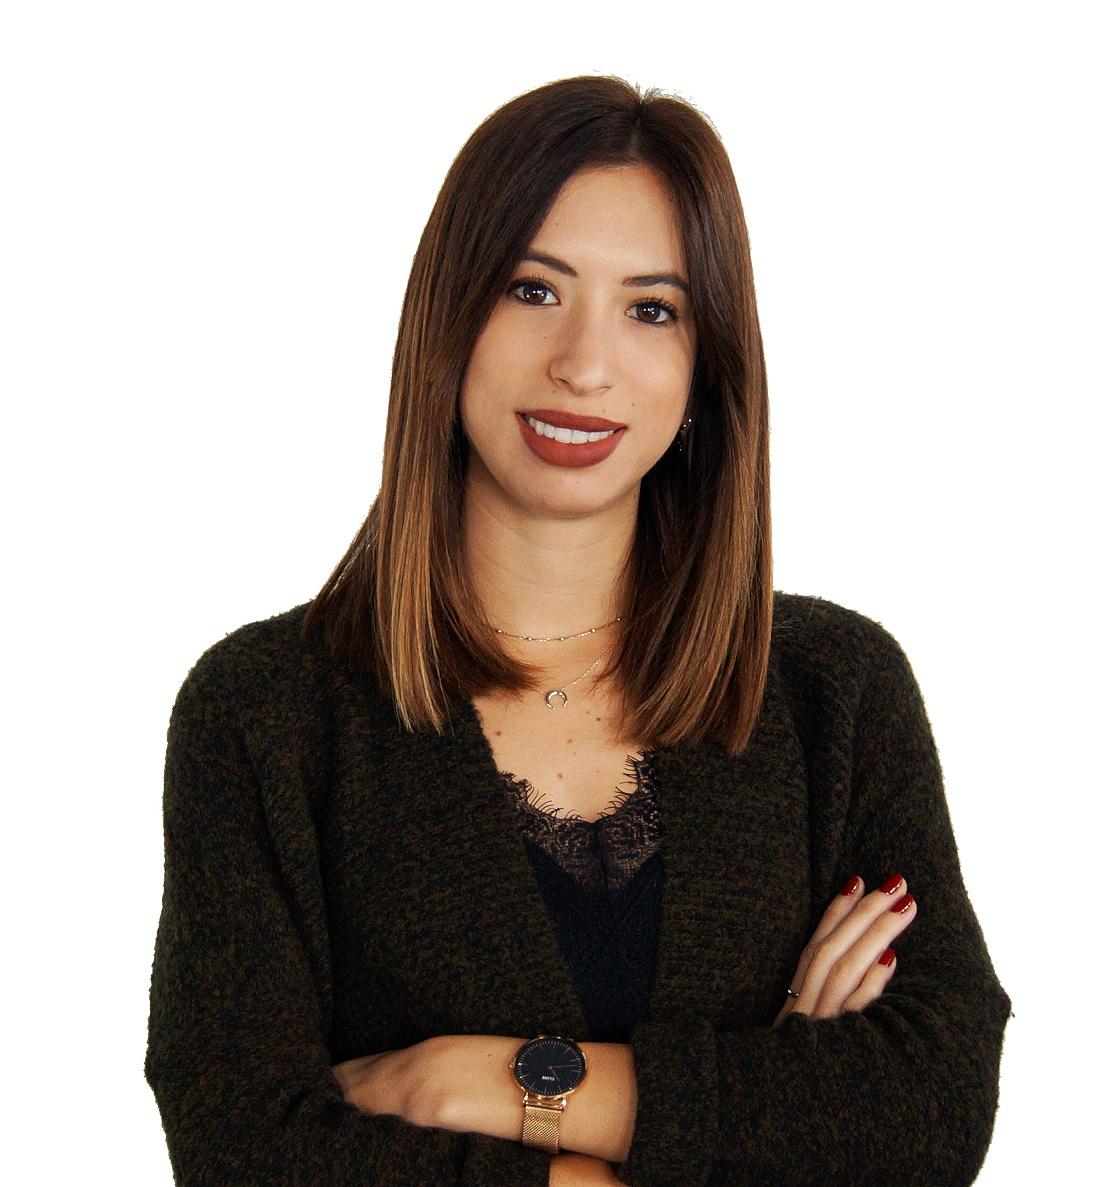 Sandra Pallarés